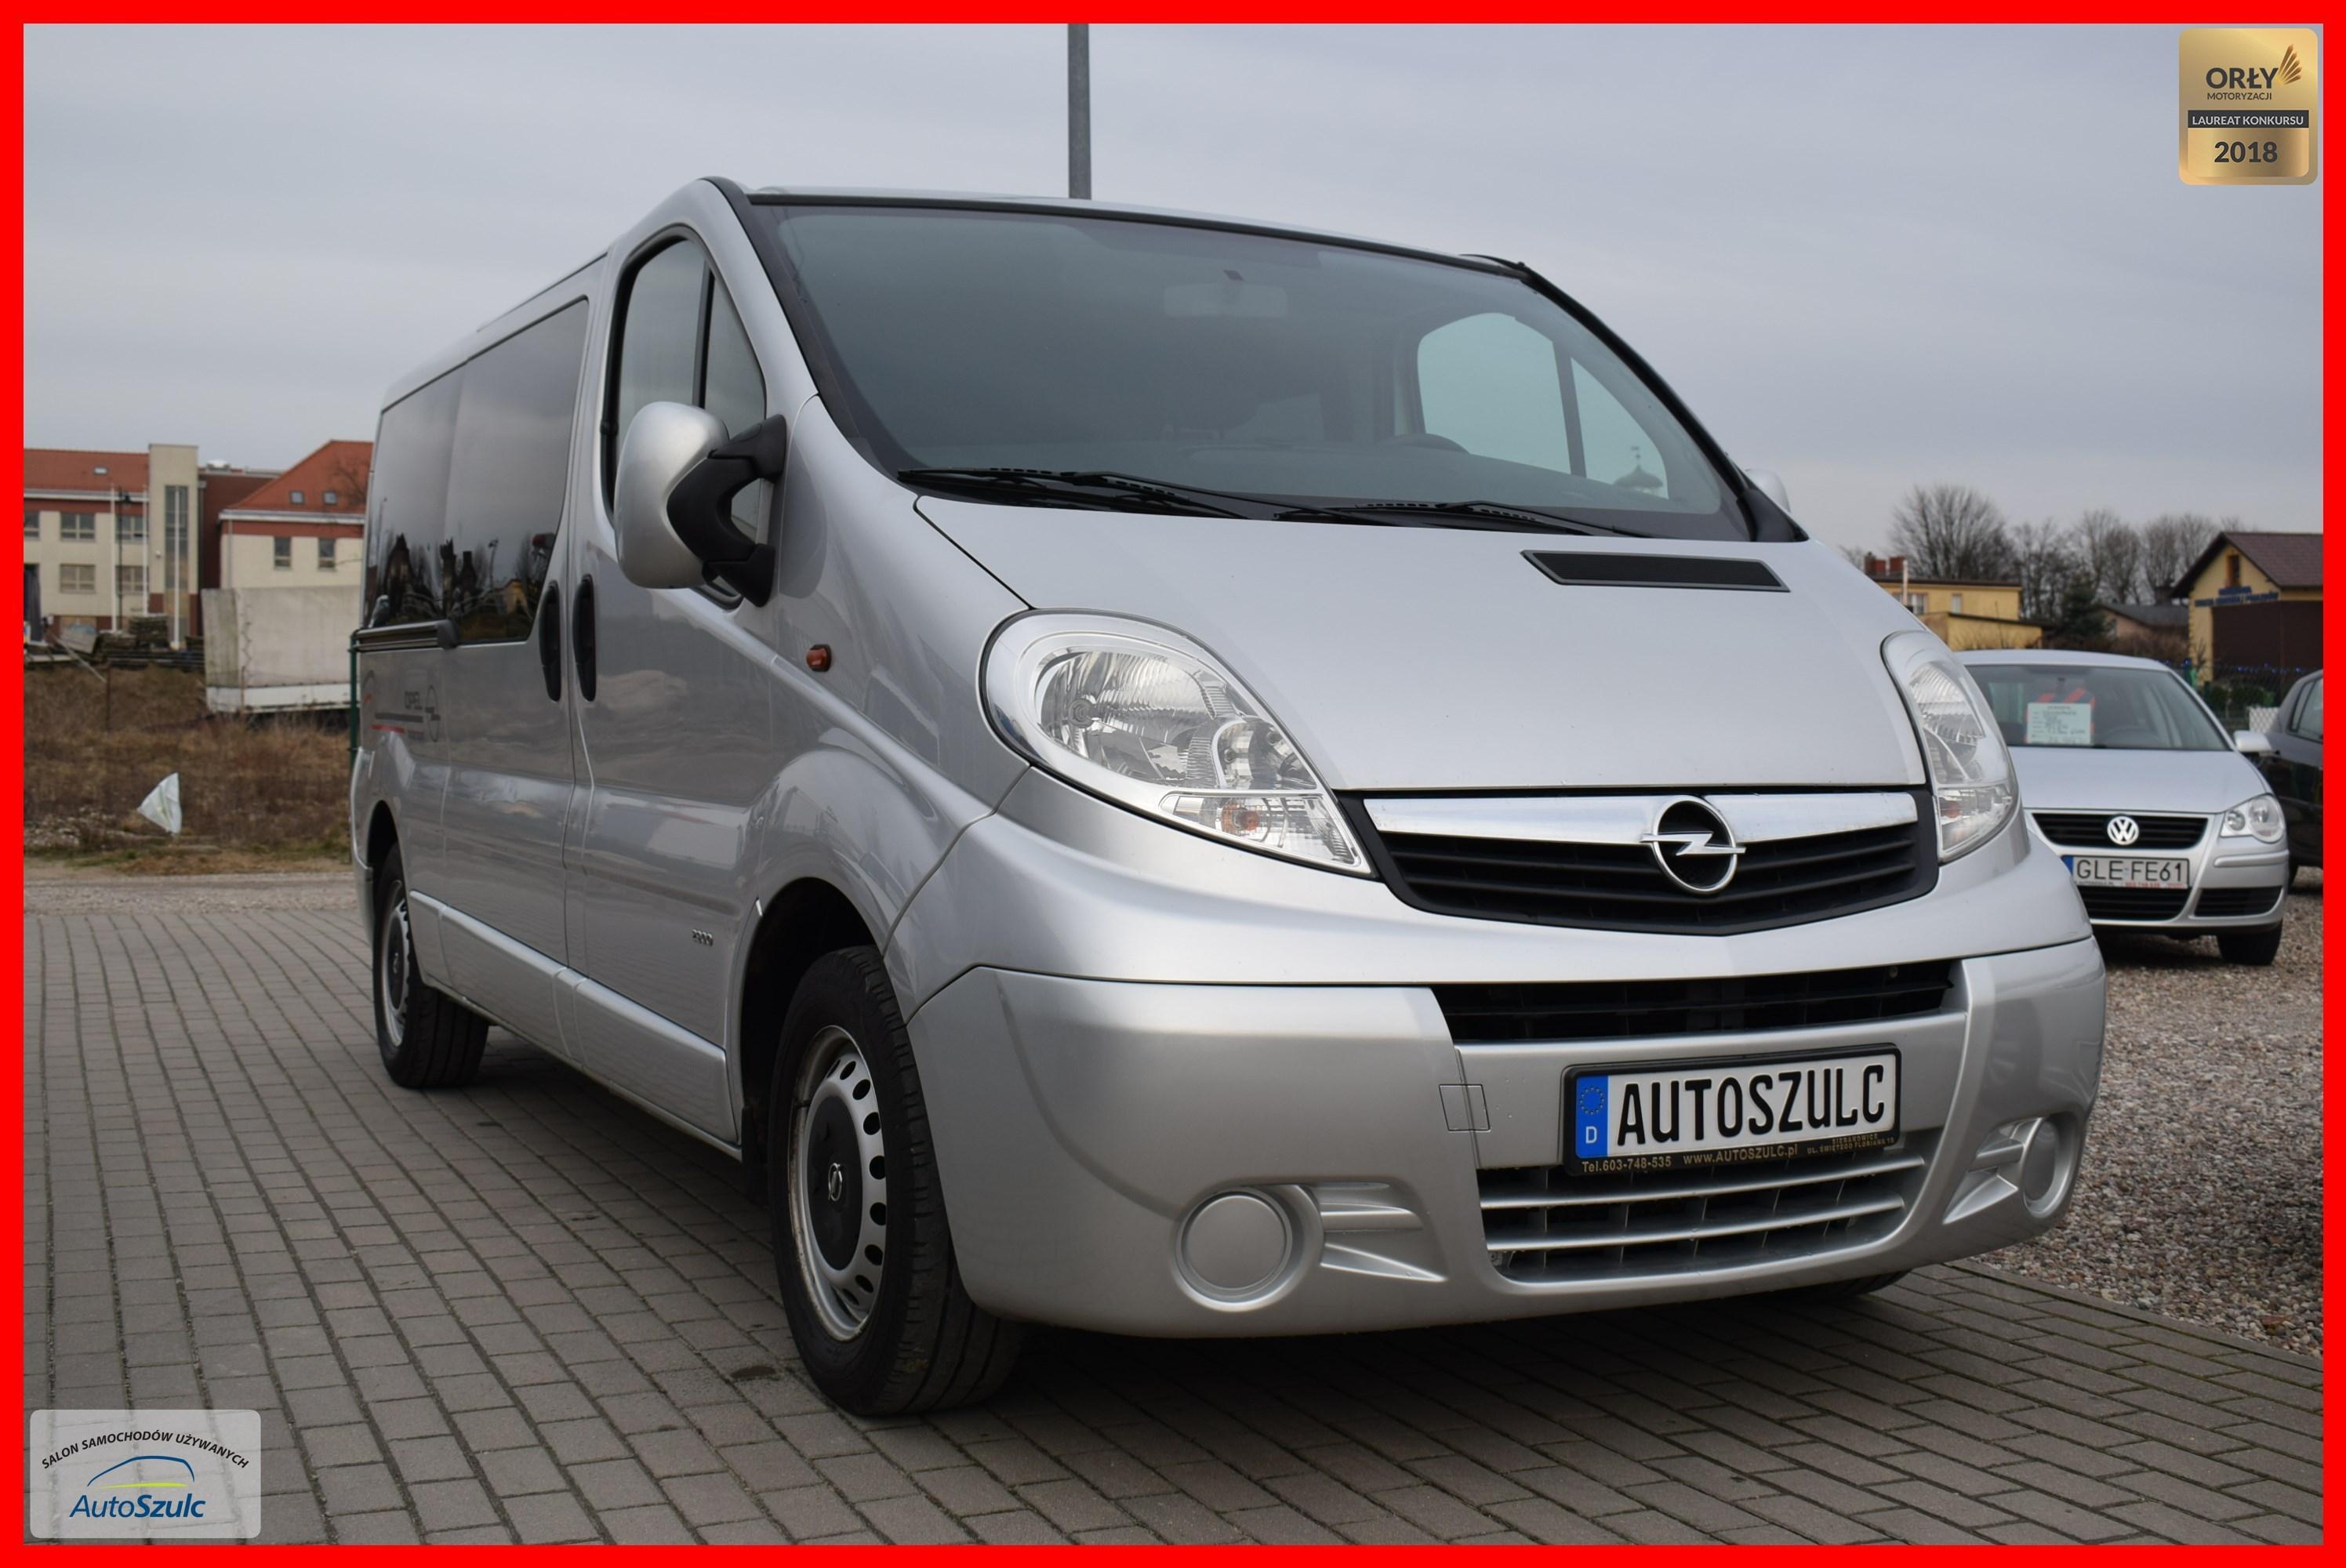 Ogromnie Opel Vivaro 2.0 CDTI, 9- Osobowy, Wersja LONG, Klimatyzacja VA19